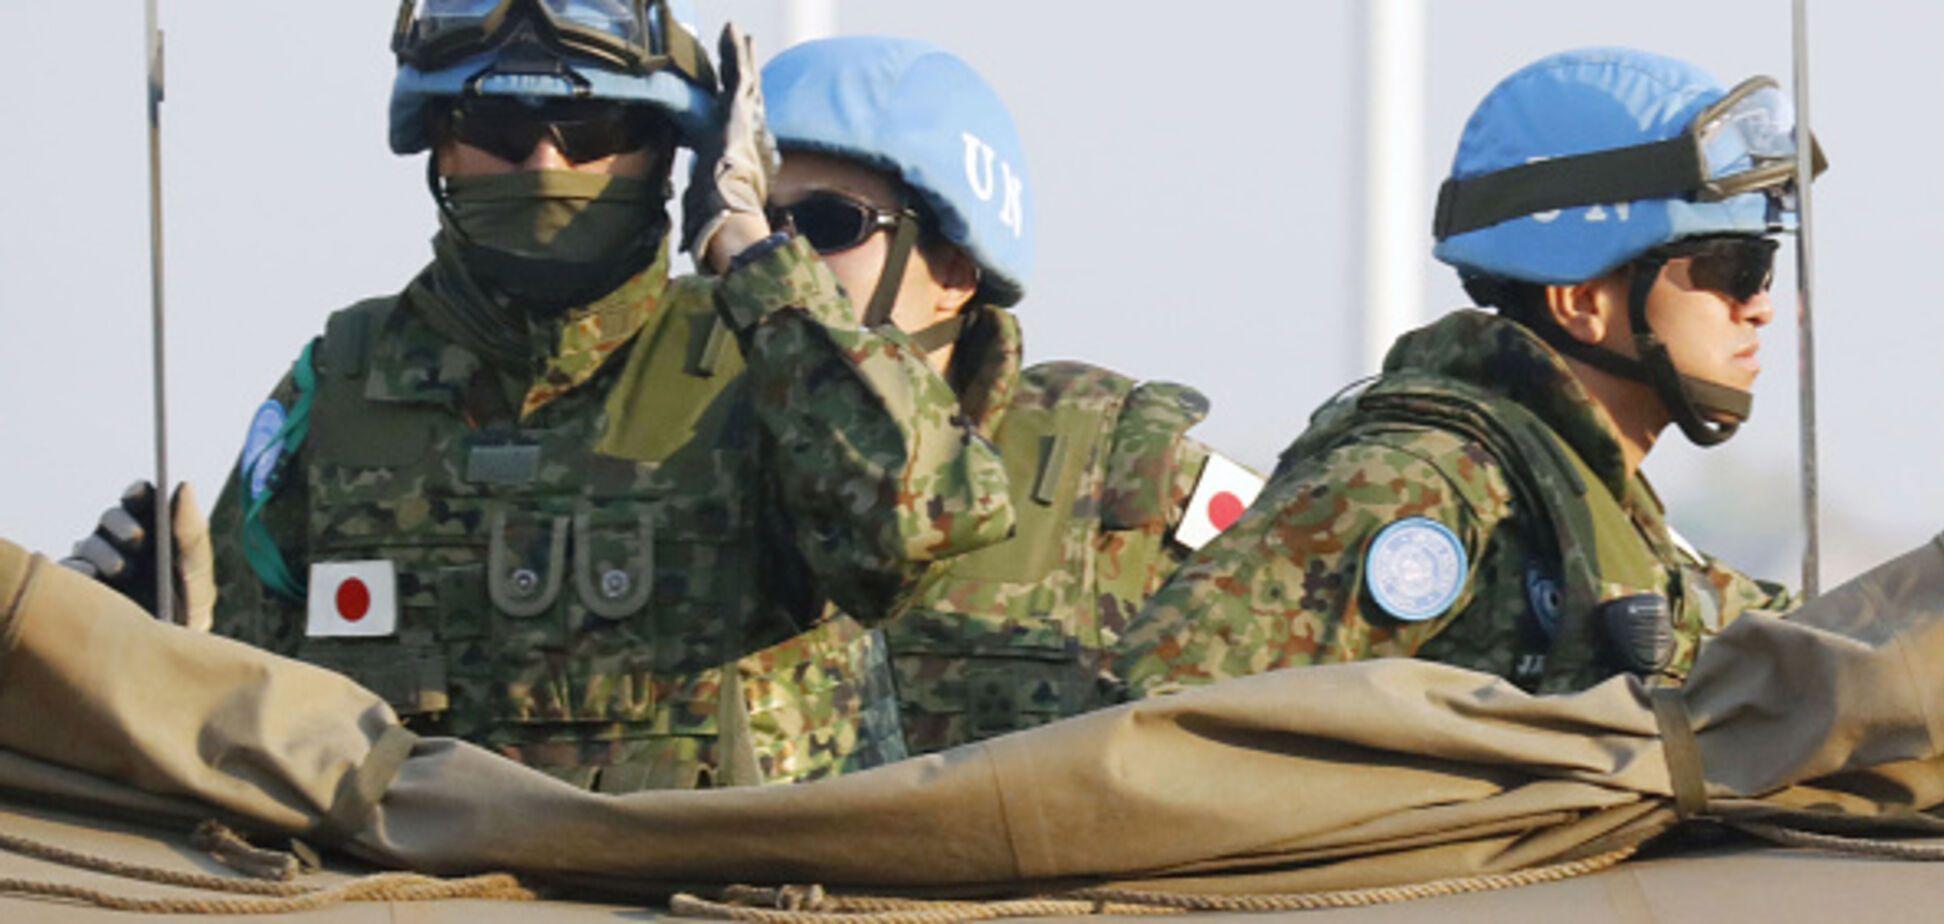 Введение миротворцев ООН на Донбасс: Путин пошел на неожиданные уступки